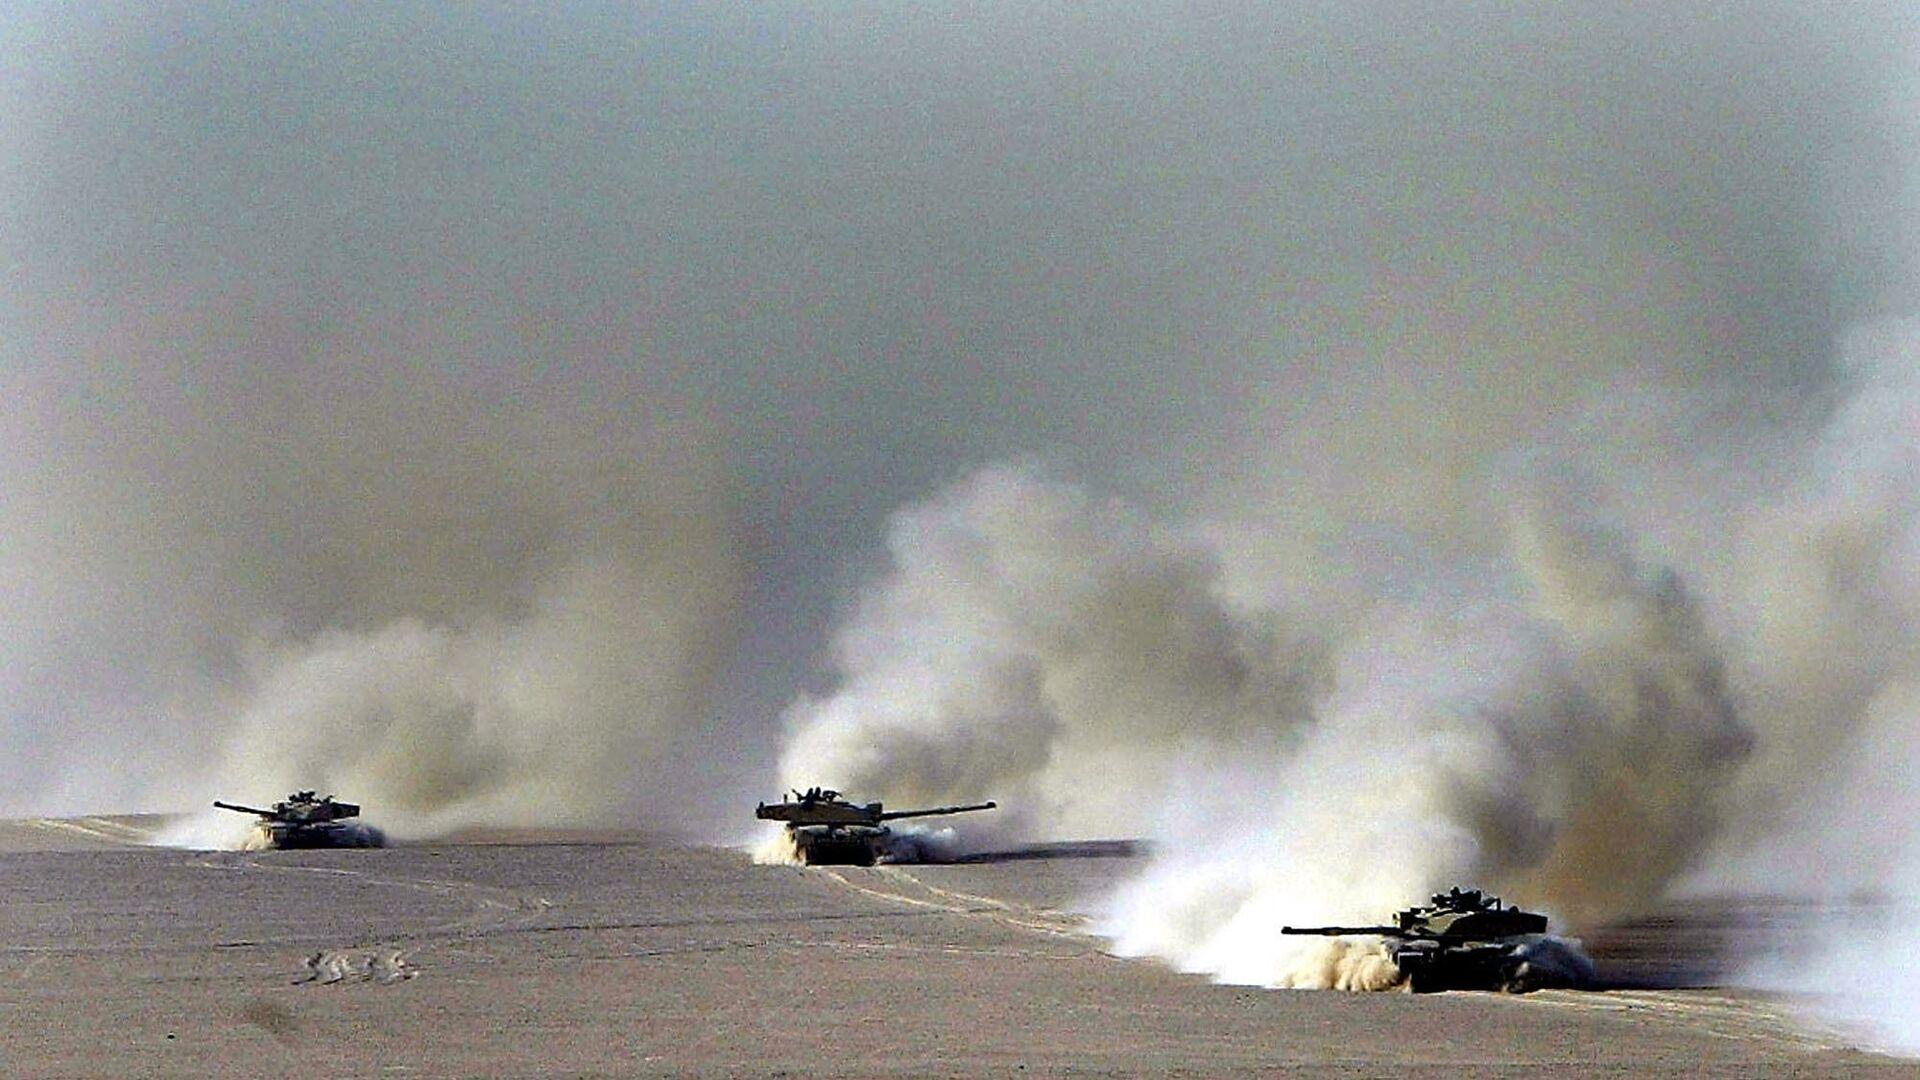 Британские танки Челленджер 2 в пустыне Кувейта - РИА Новости, 1920, 17.01.2021